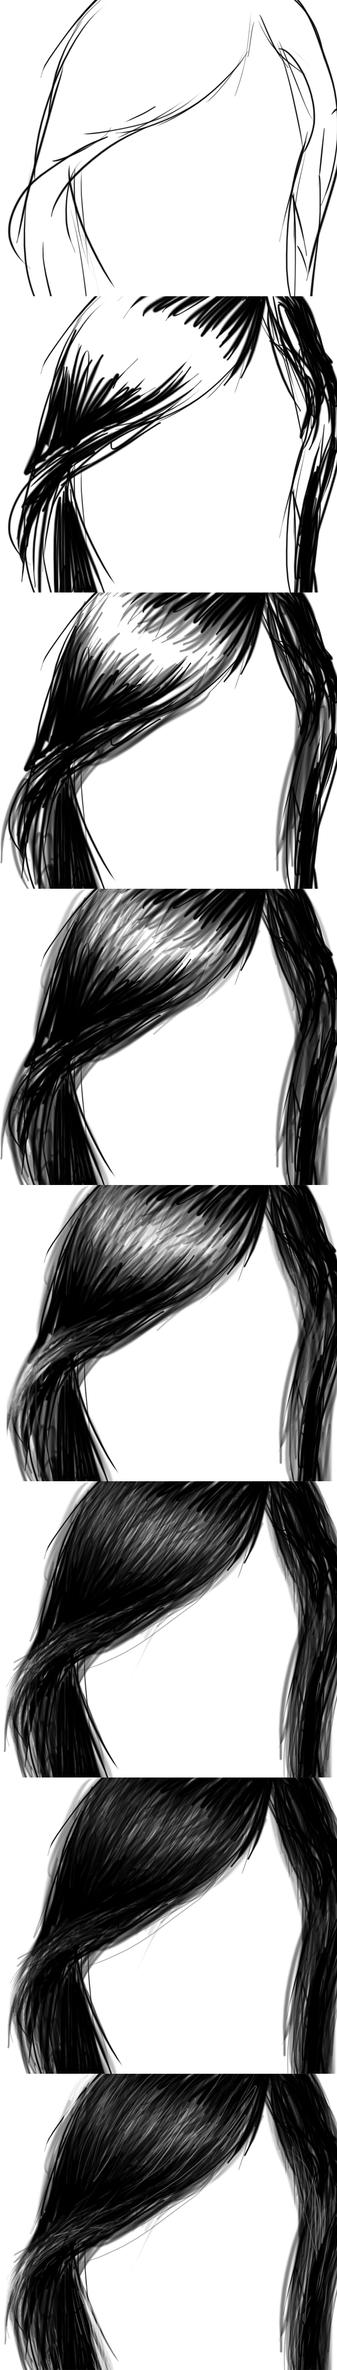 Tutorial : digital : hair by phoenirius